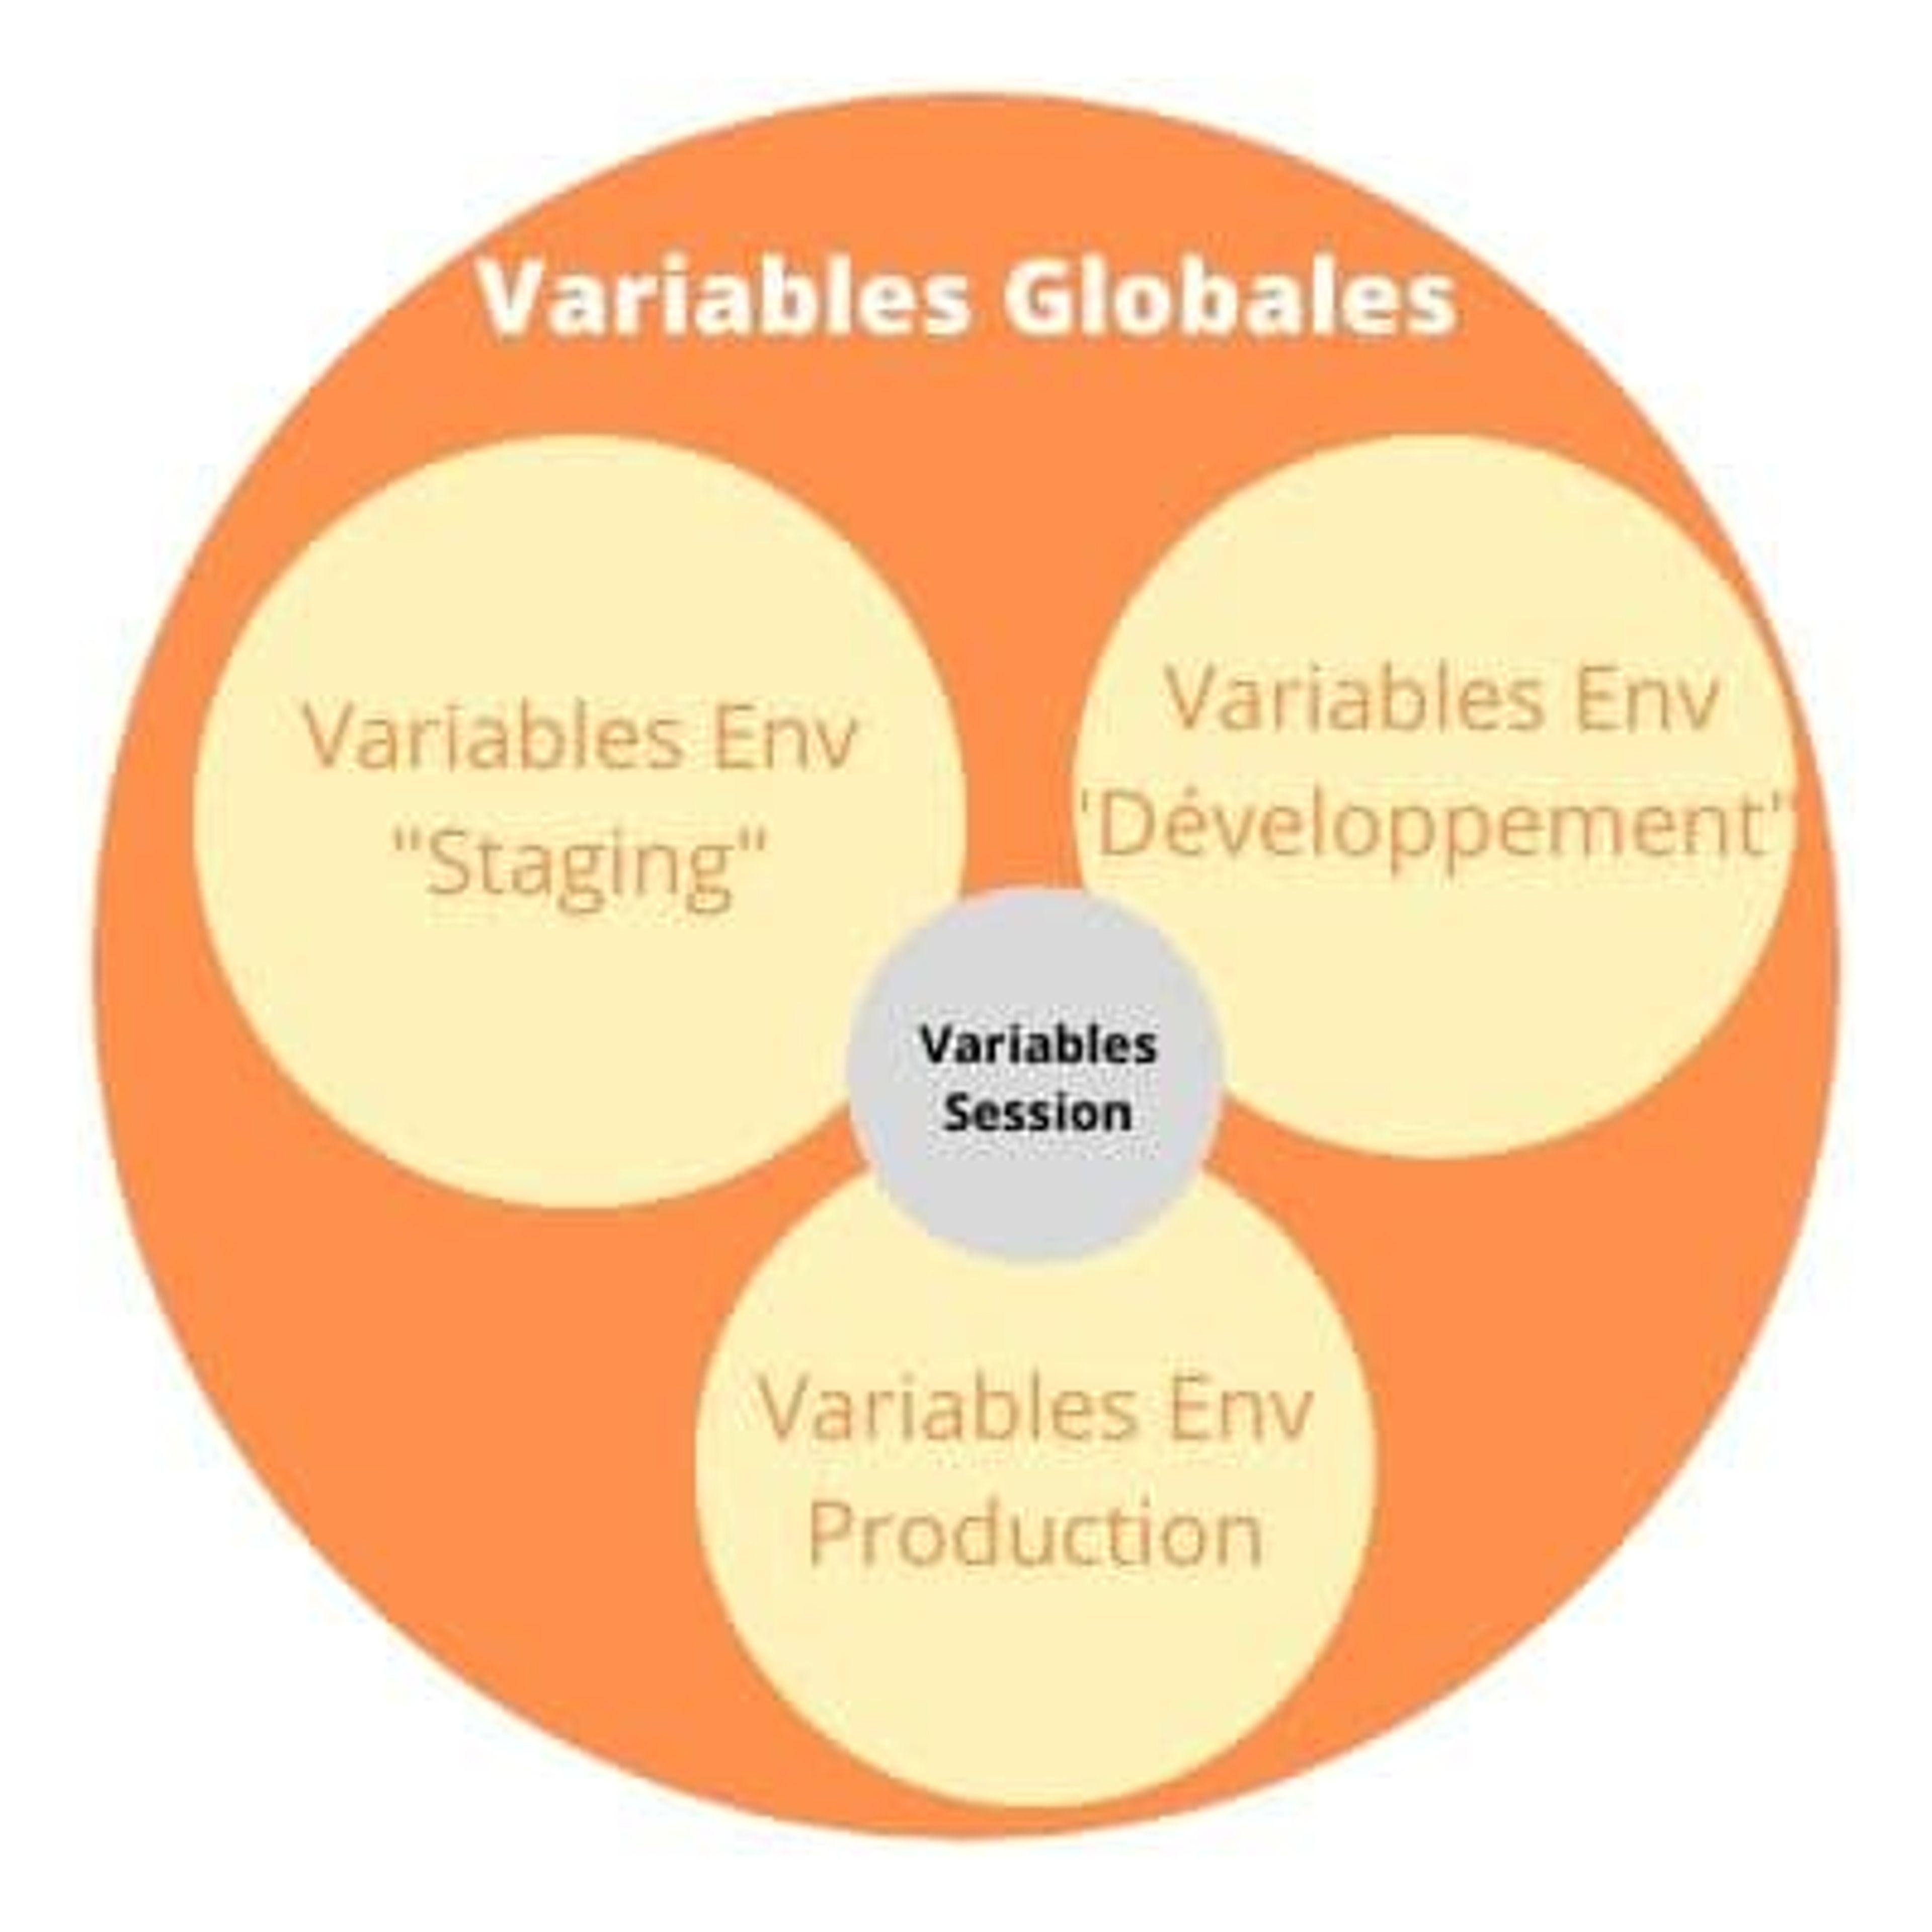 Illustration du scope des différents types de variables postman